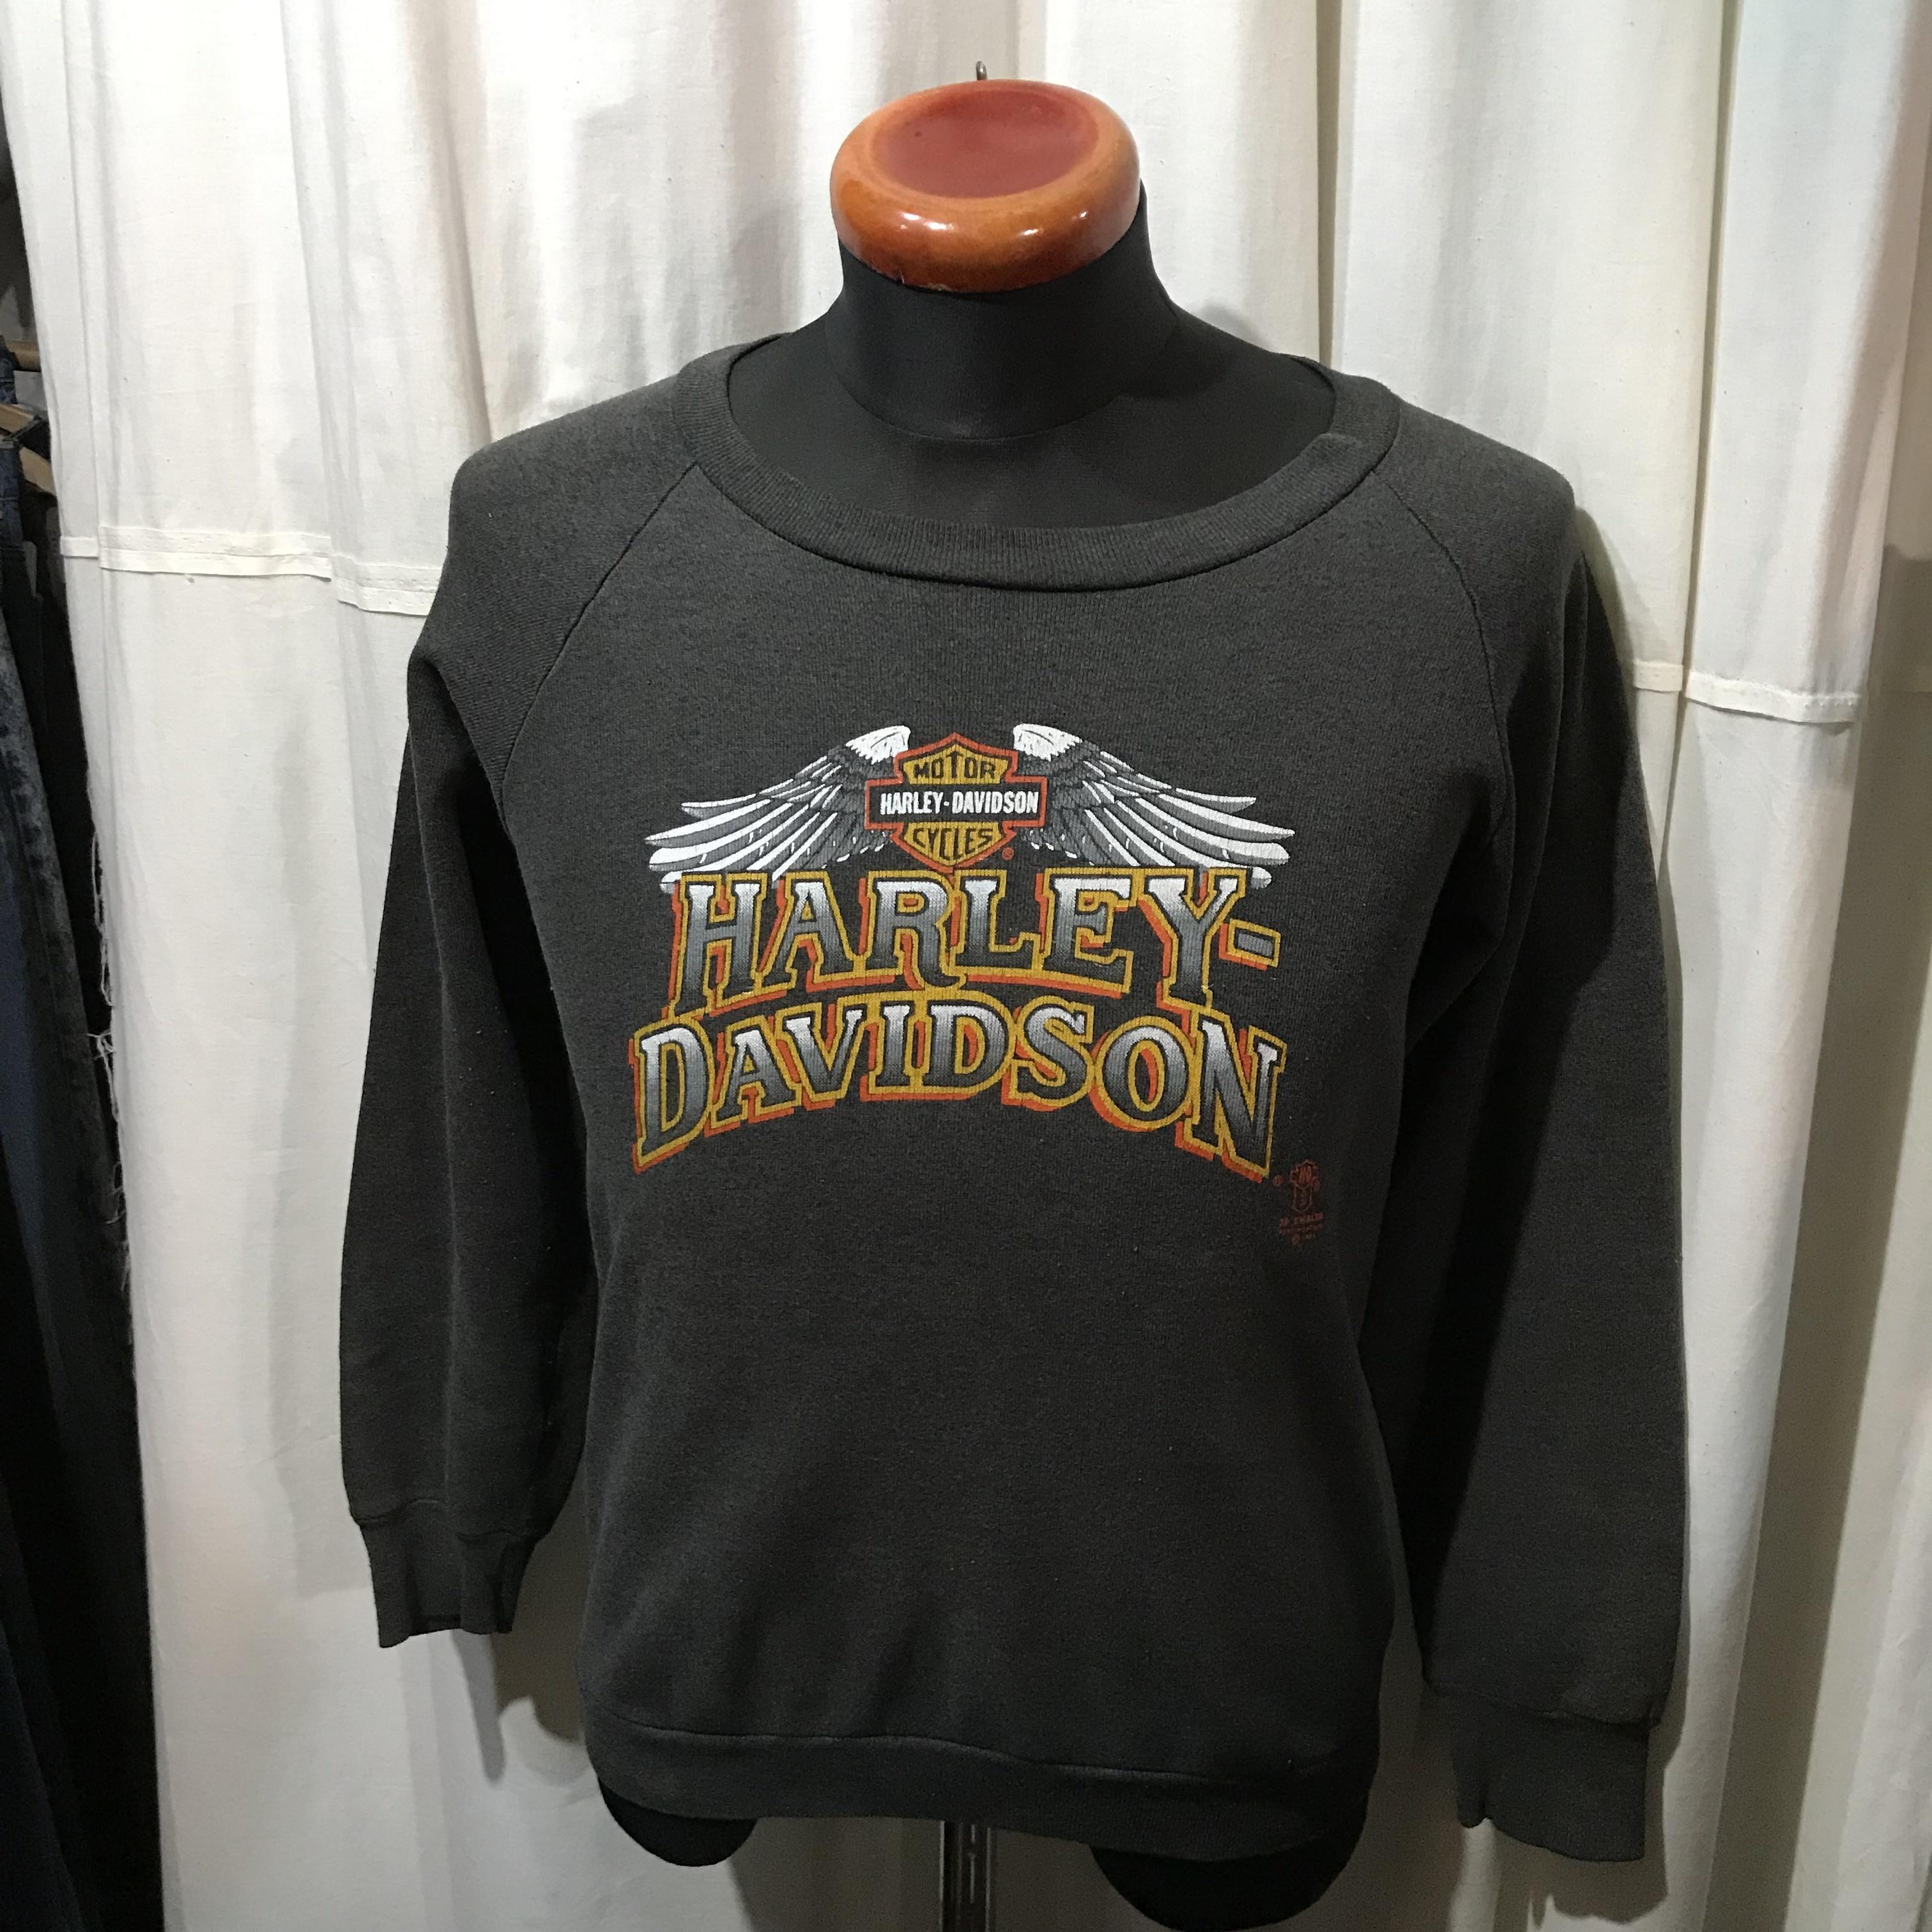 80's アメリカ製 HARLEY DAVIDSON ハーレイダビッドソン 3Dロゴ スウェットシャツ メンズS